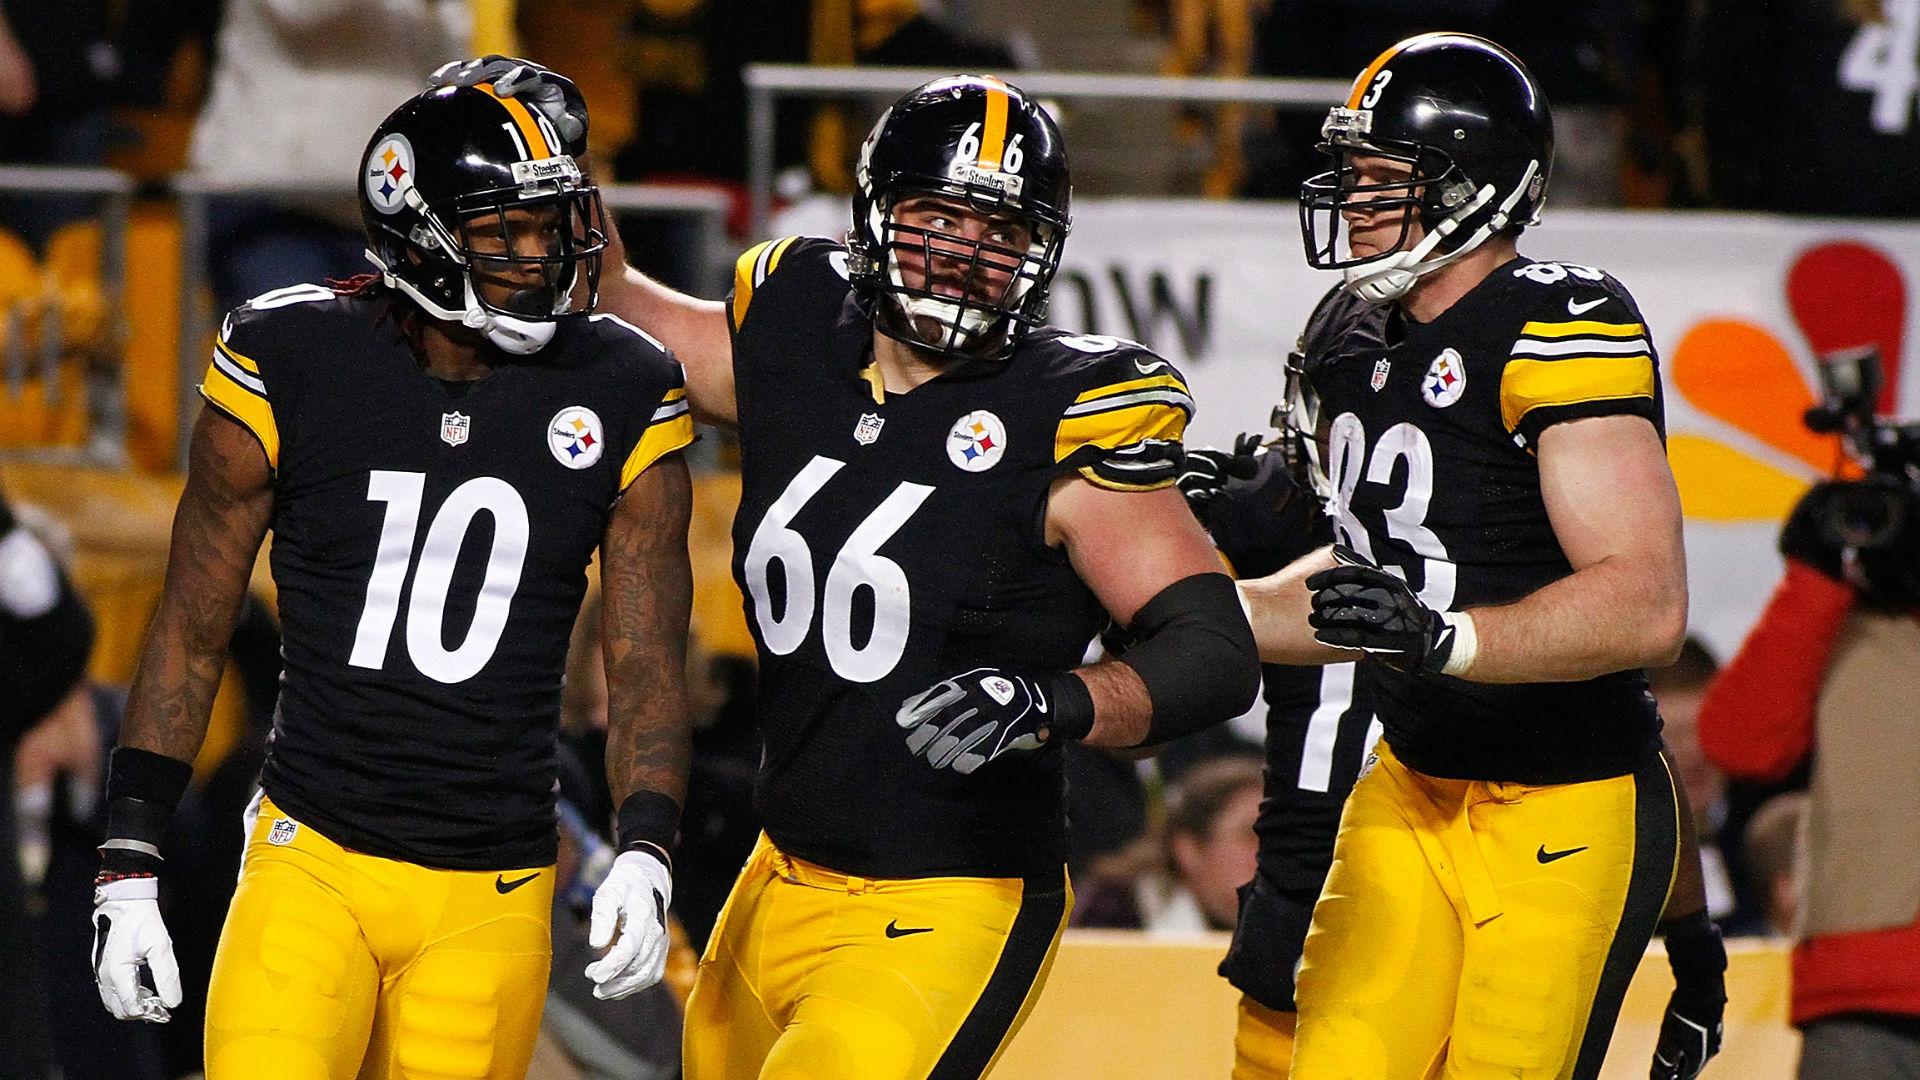 Pittsburgh-Steelers-122914-getty-FTR.jpg